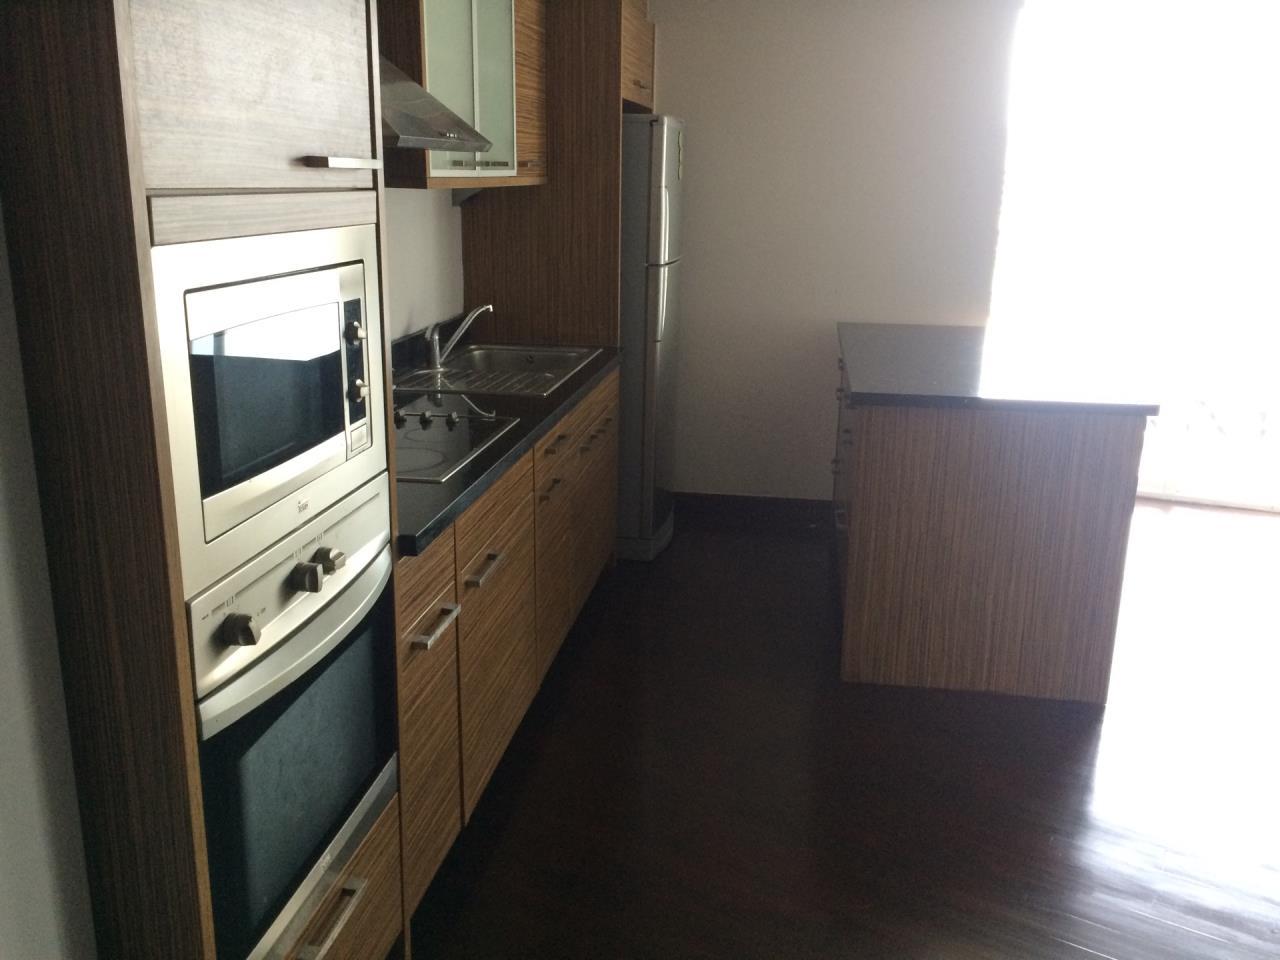 Quality Life Property Agency's 1-BEDROOM CONDO FOR RENT IN URBANA LANGSUAN 17 FOOR 8